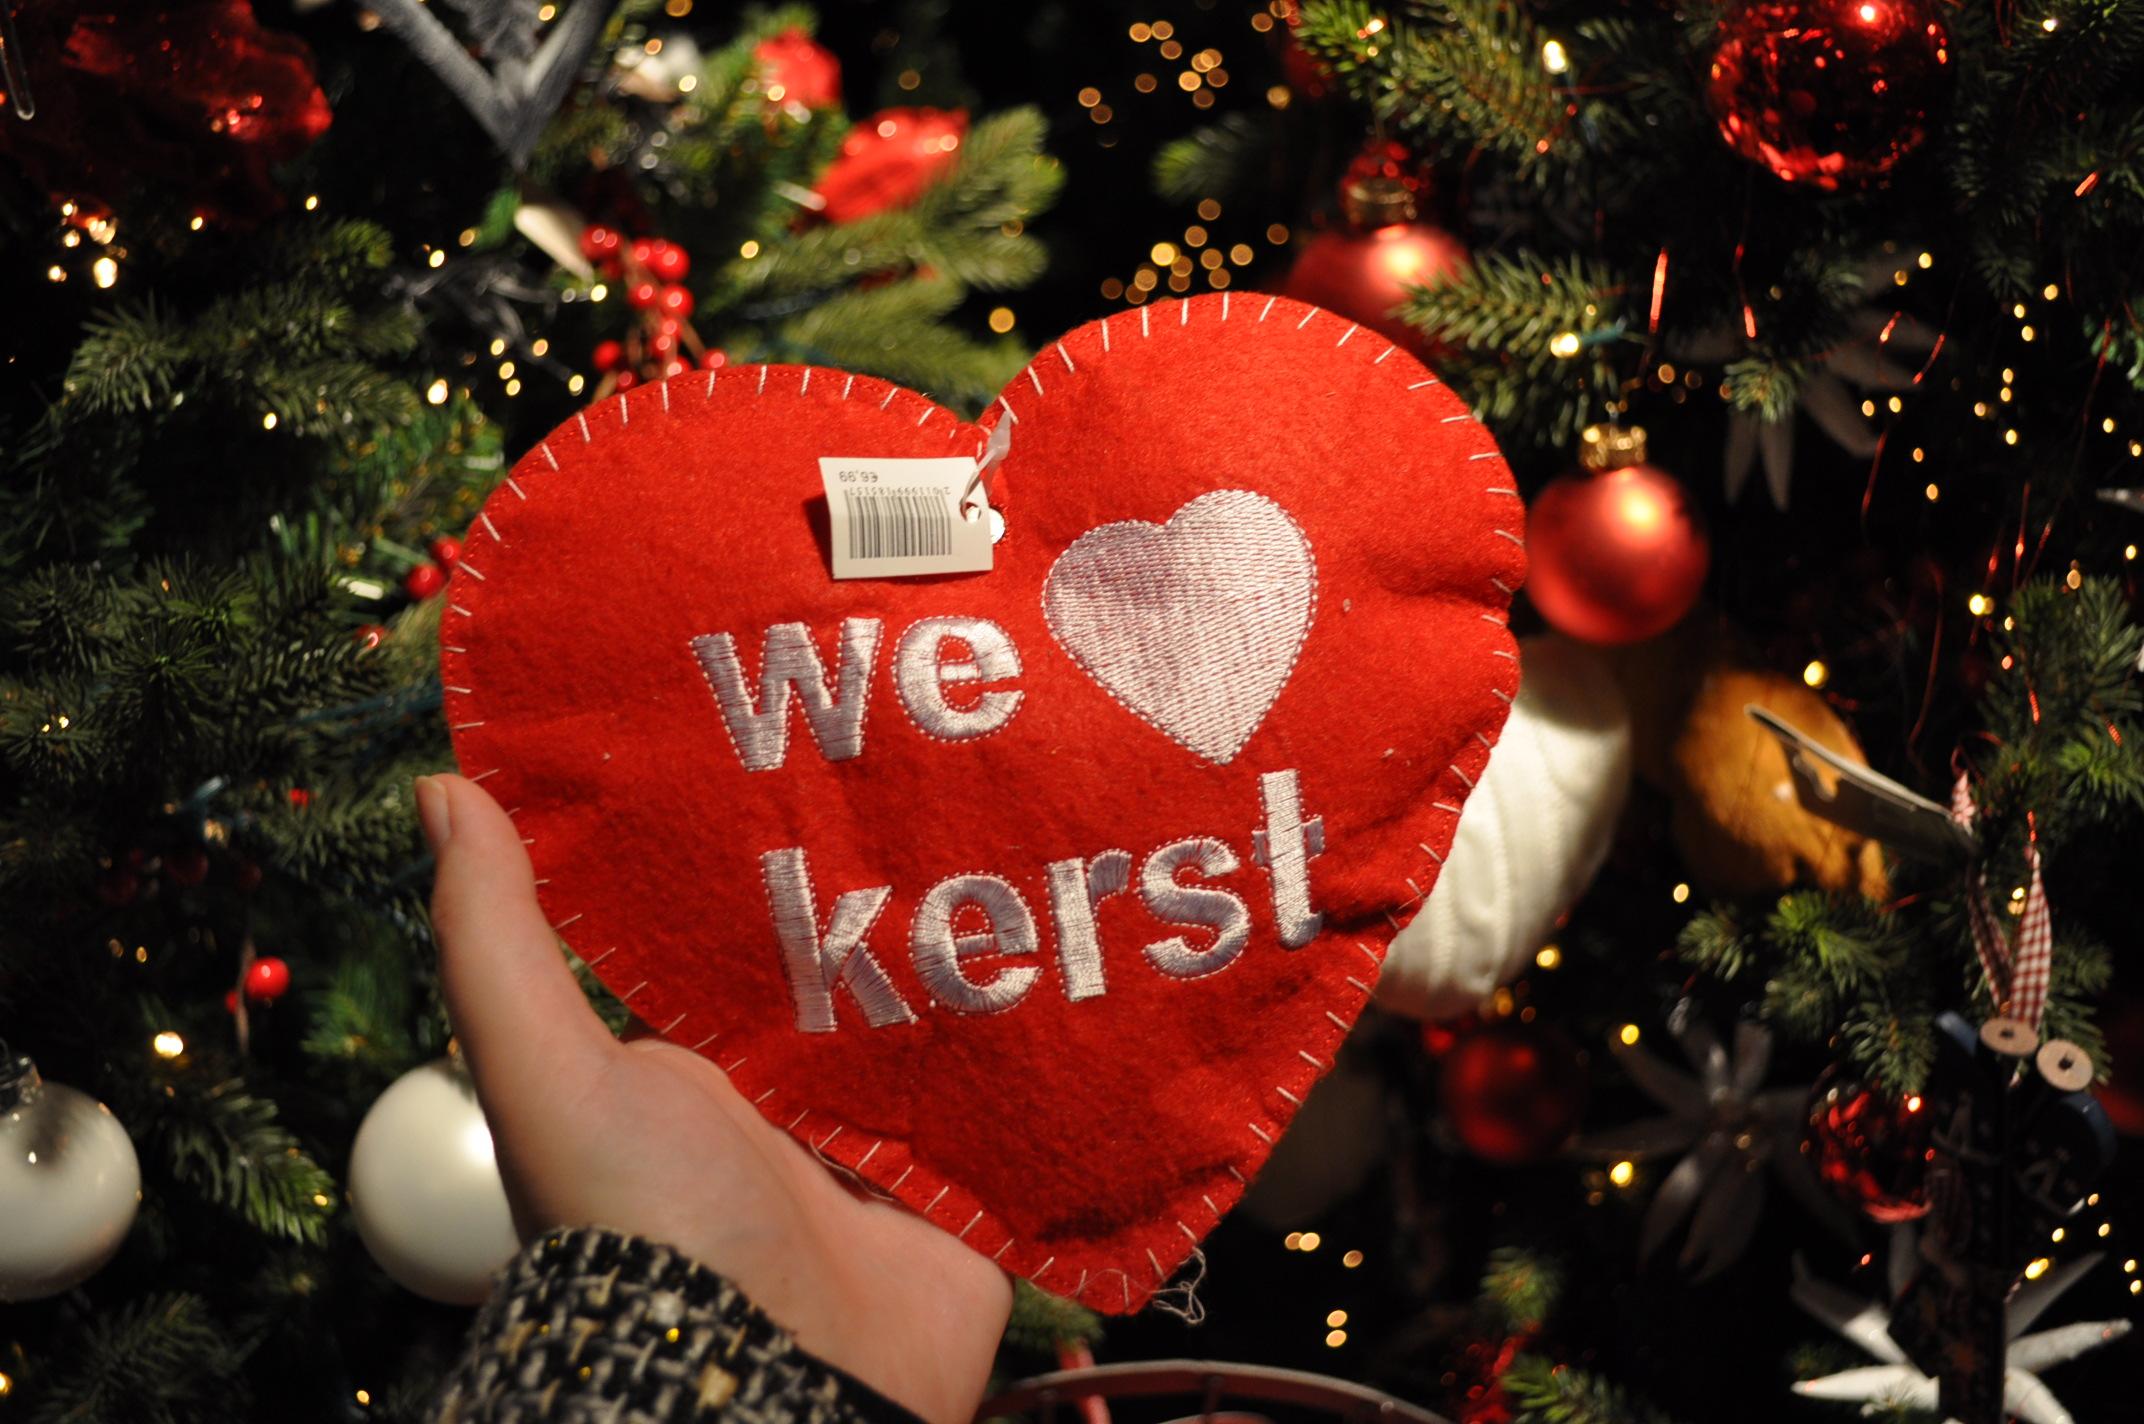 kerstgevoel - 10 redenen waarom we van kerst houden